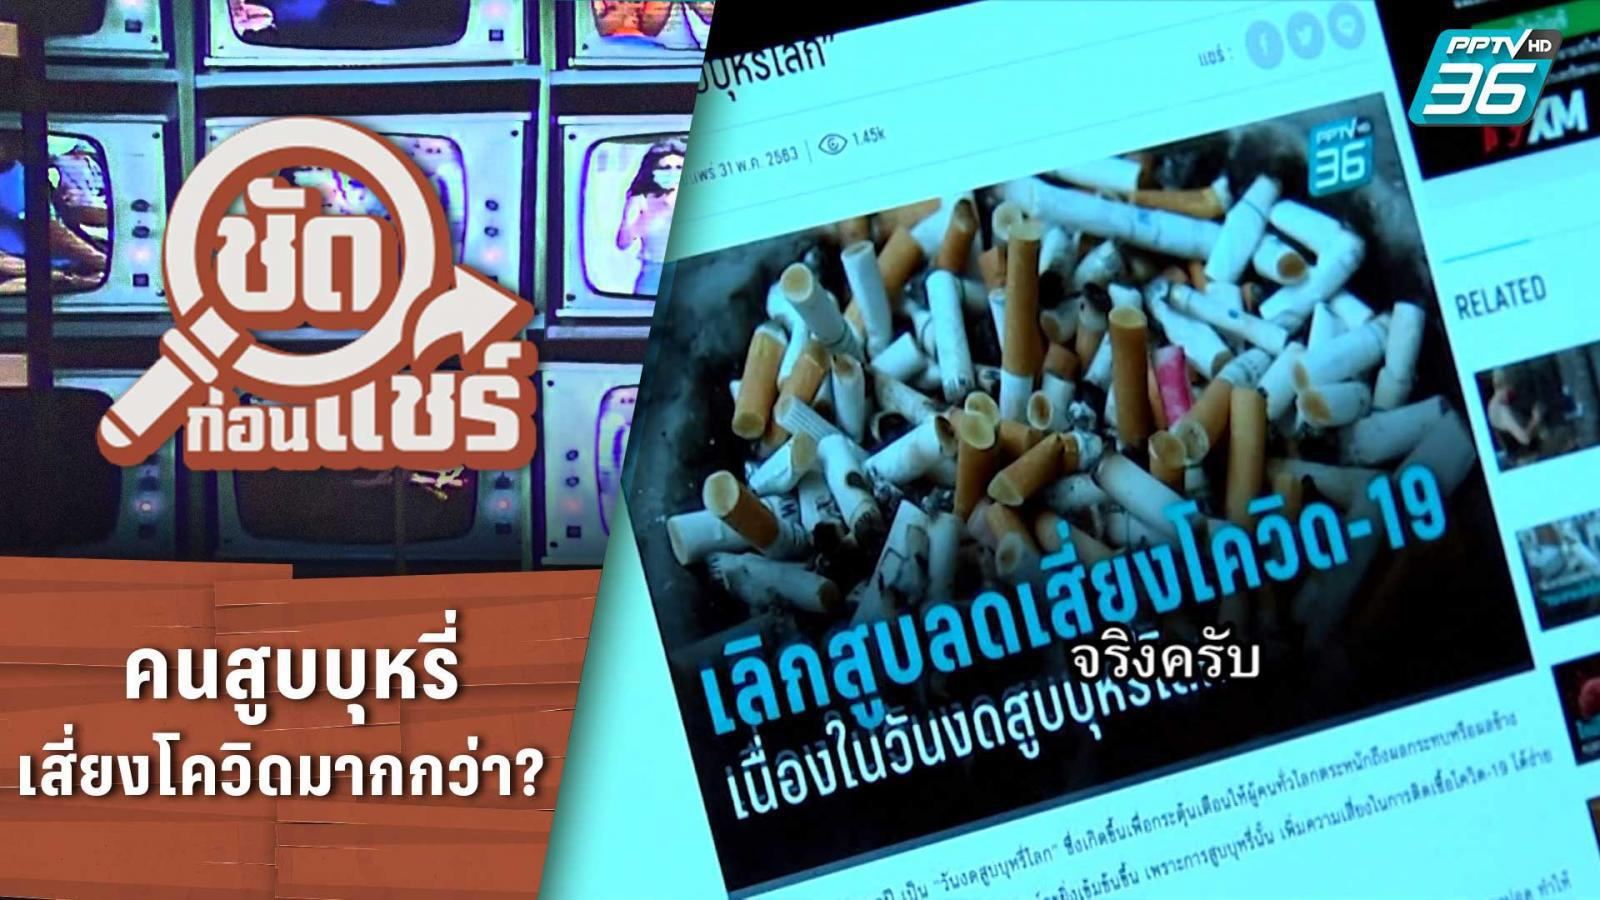 ชัดก่อนแชร์ | คนที่สูบบุหรี่เสี่ยงโควิด-19 มากกว่าคนไม่สูบ จริงหรือ? | PPTV HD 36